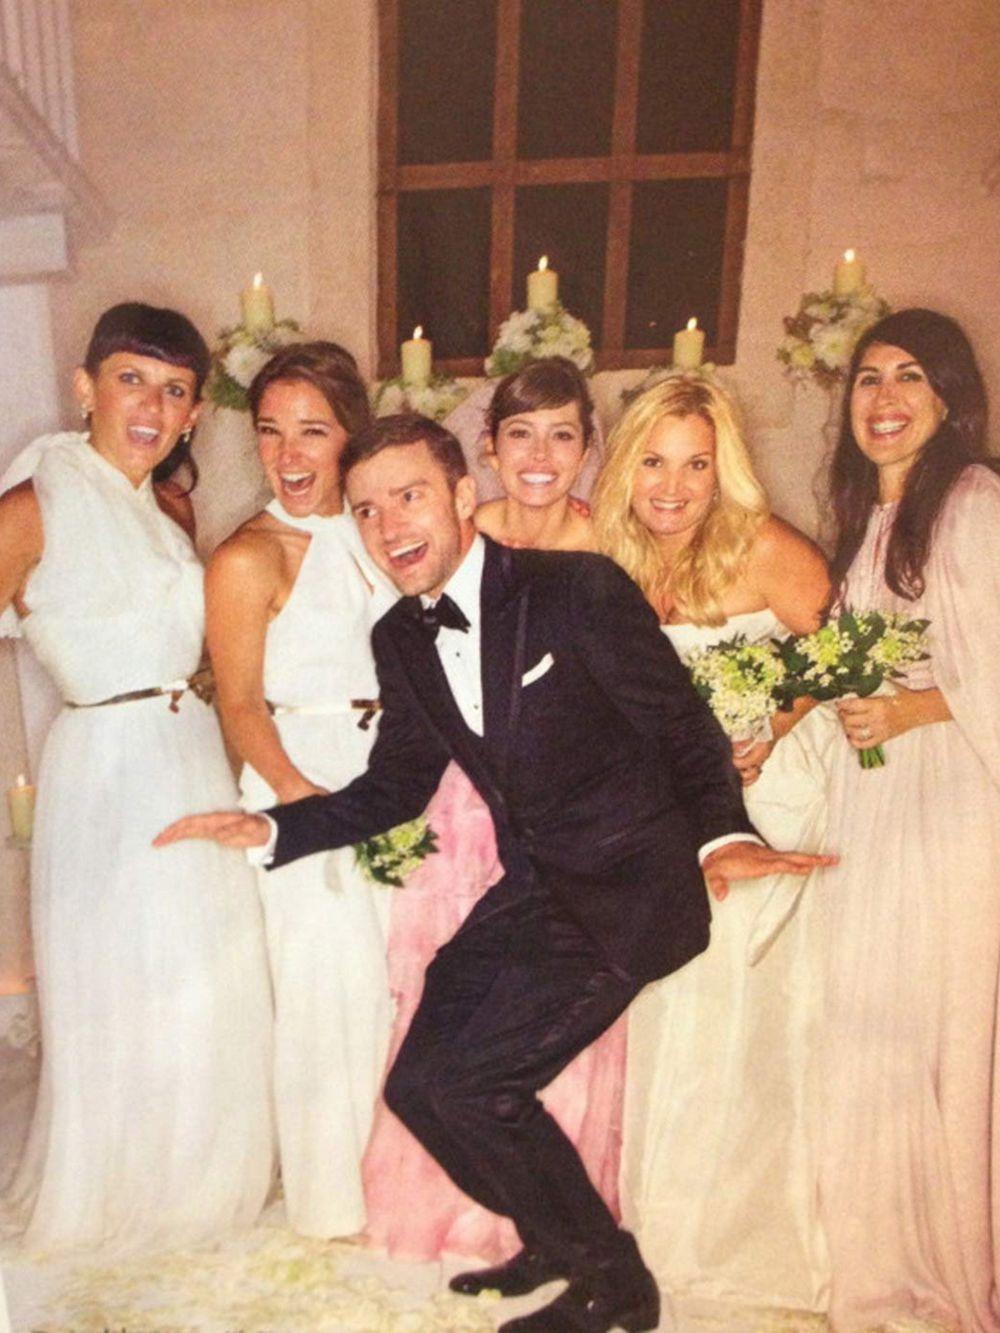 джессика бил фото свадьба